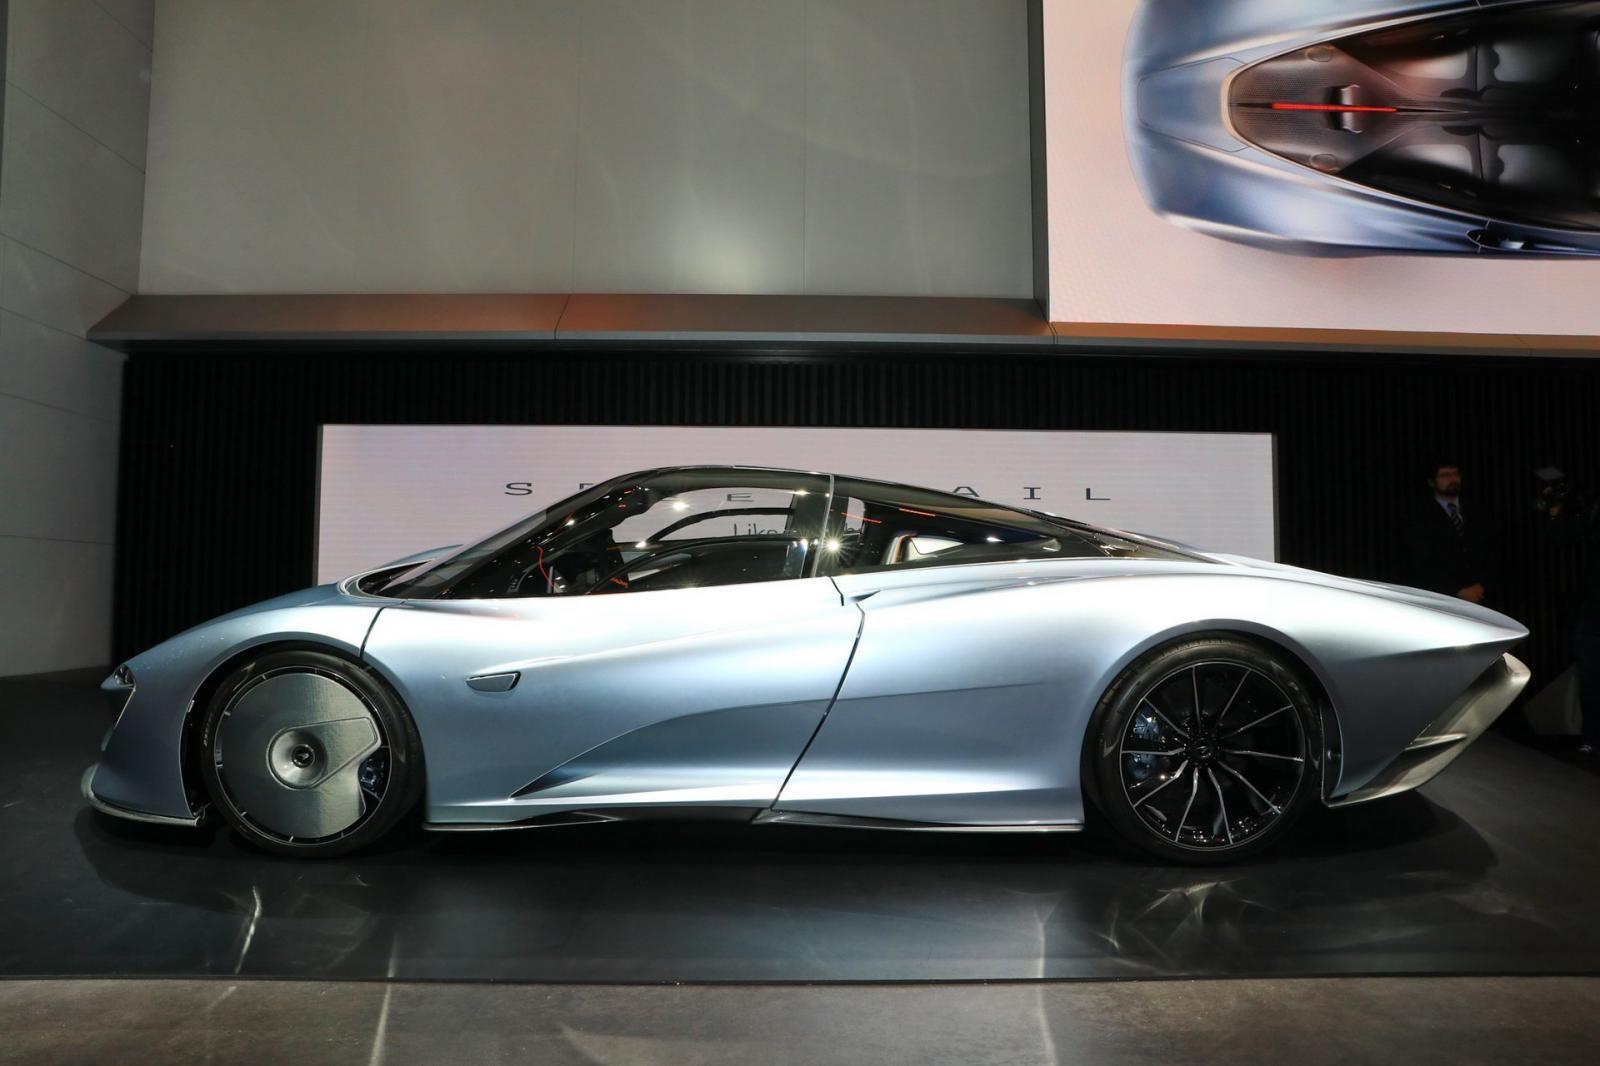 Thiết kế ngoại thất của McLaren Speedtail bị nhiều cư dân mạng chê bai